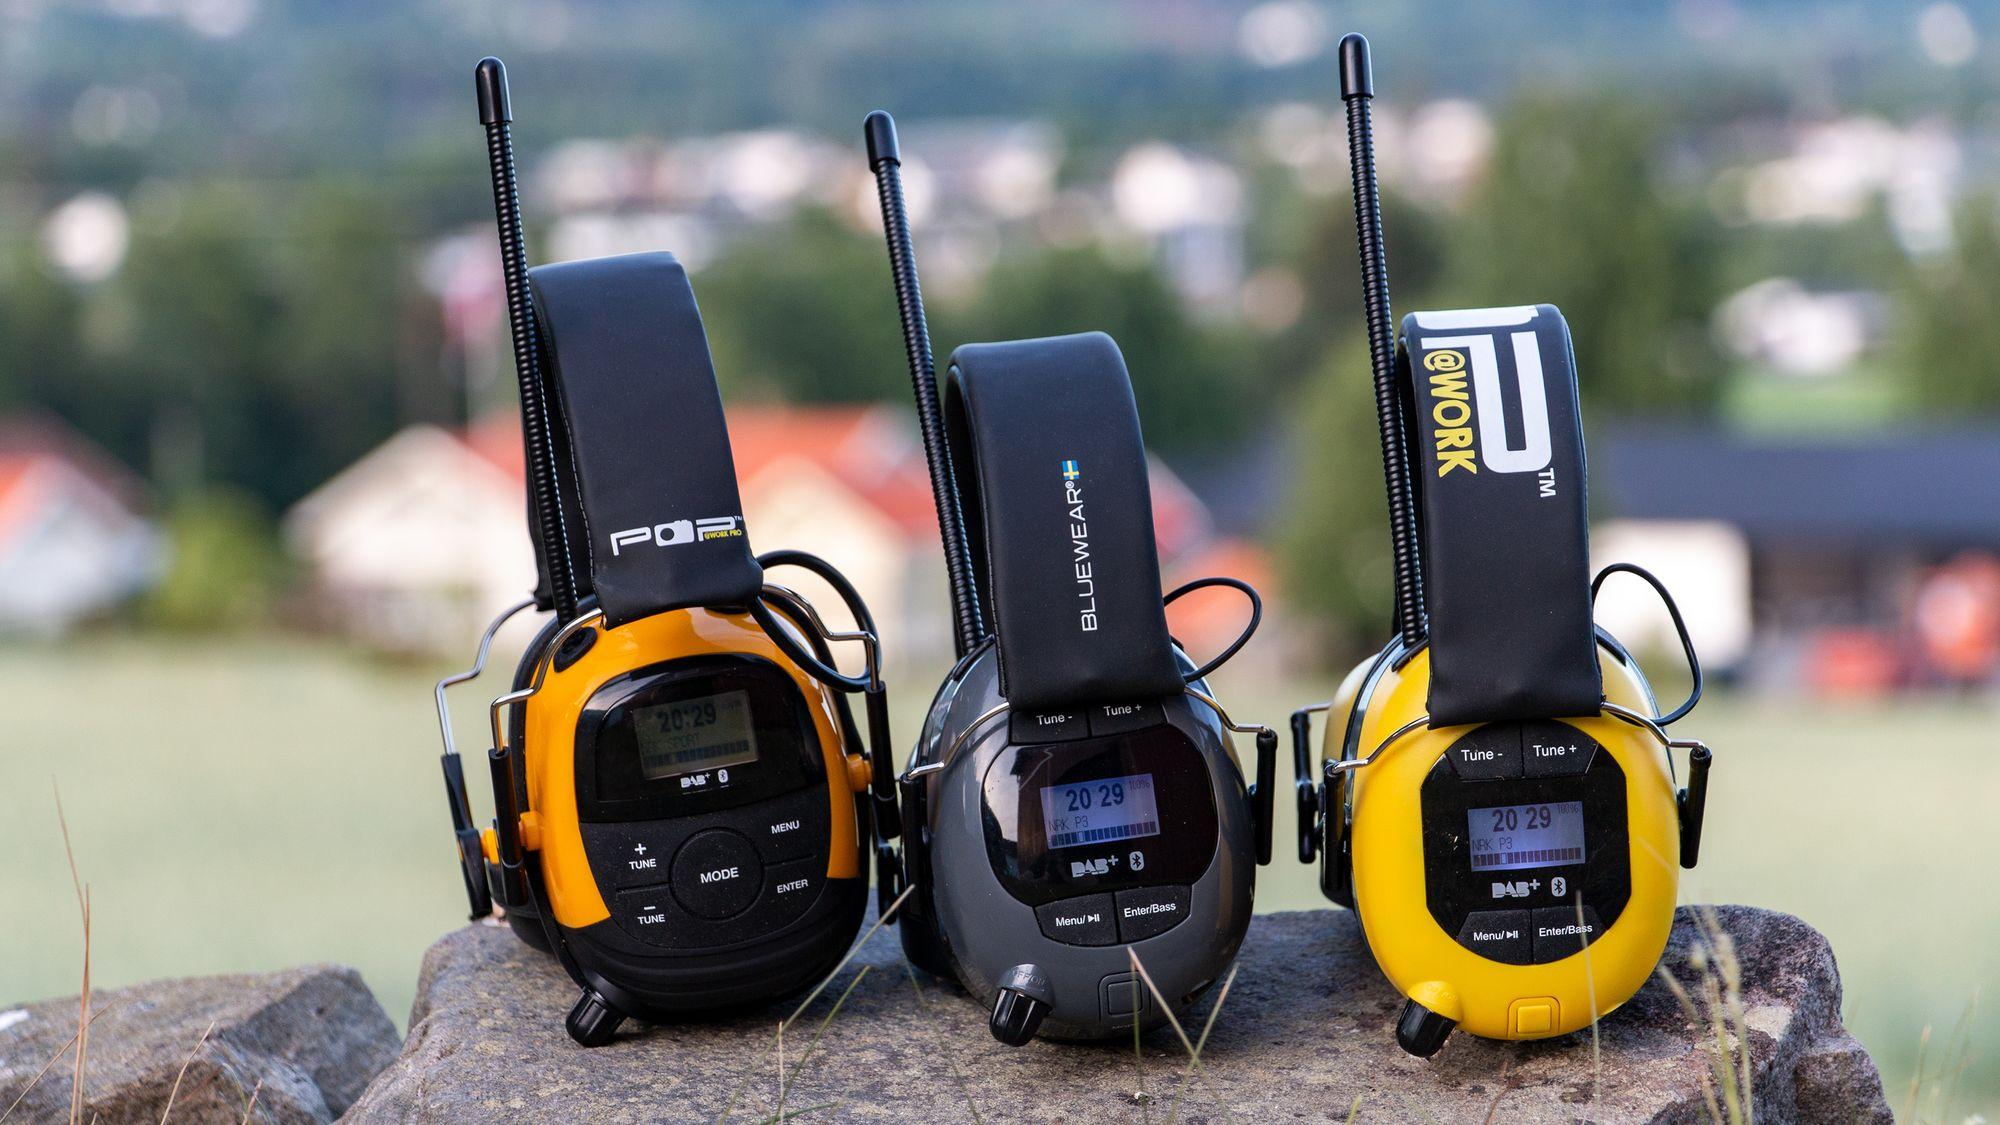 Fasjonable SAMLETEST: Hørselvern med DAB+ og Bluetooth - Tek.no ZK-11